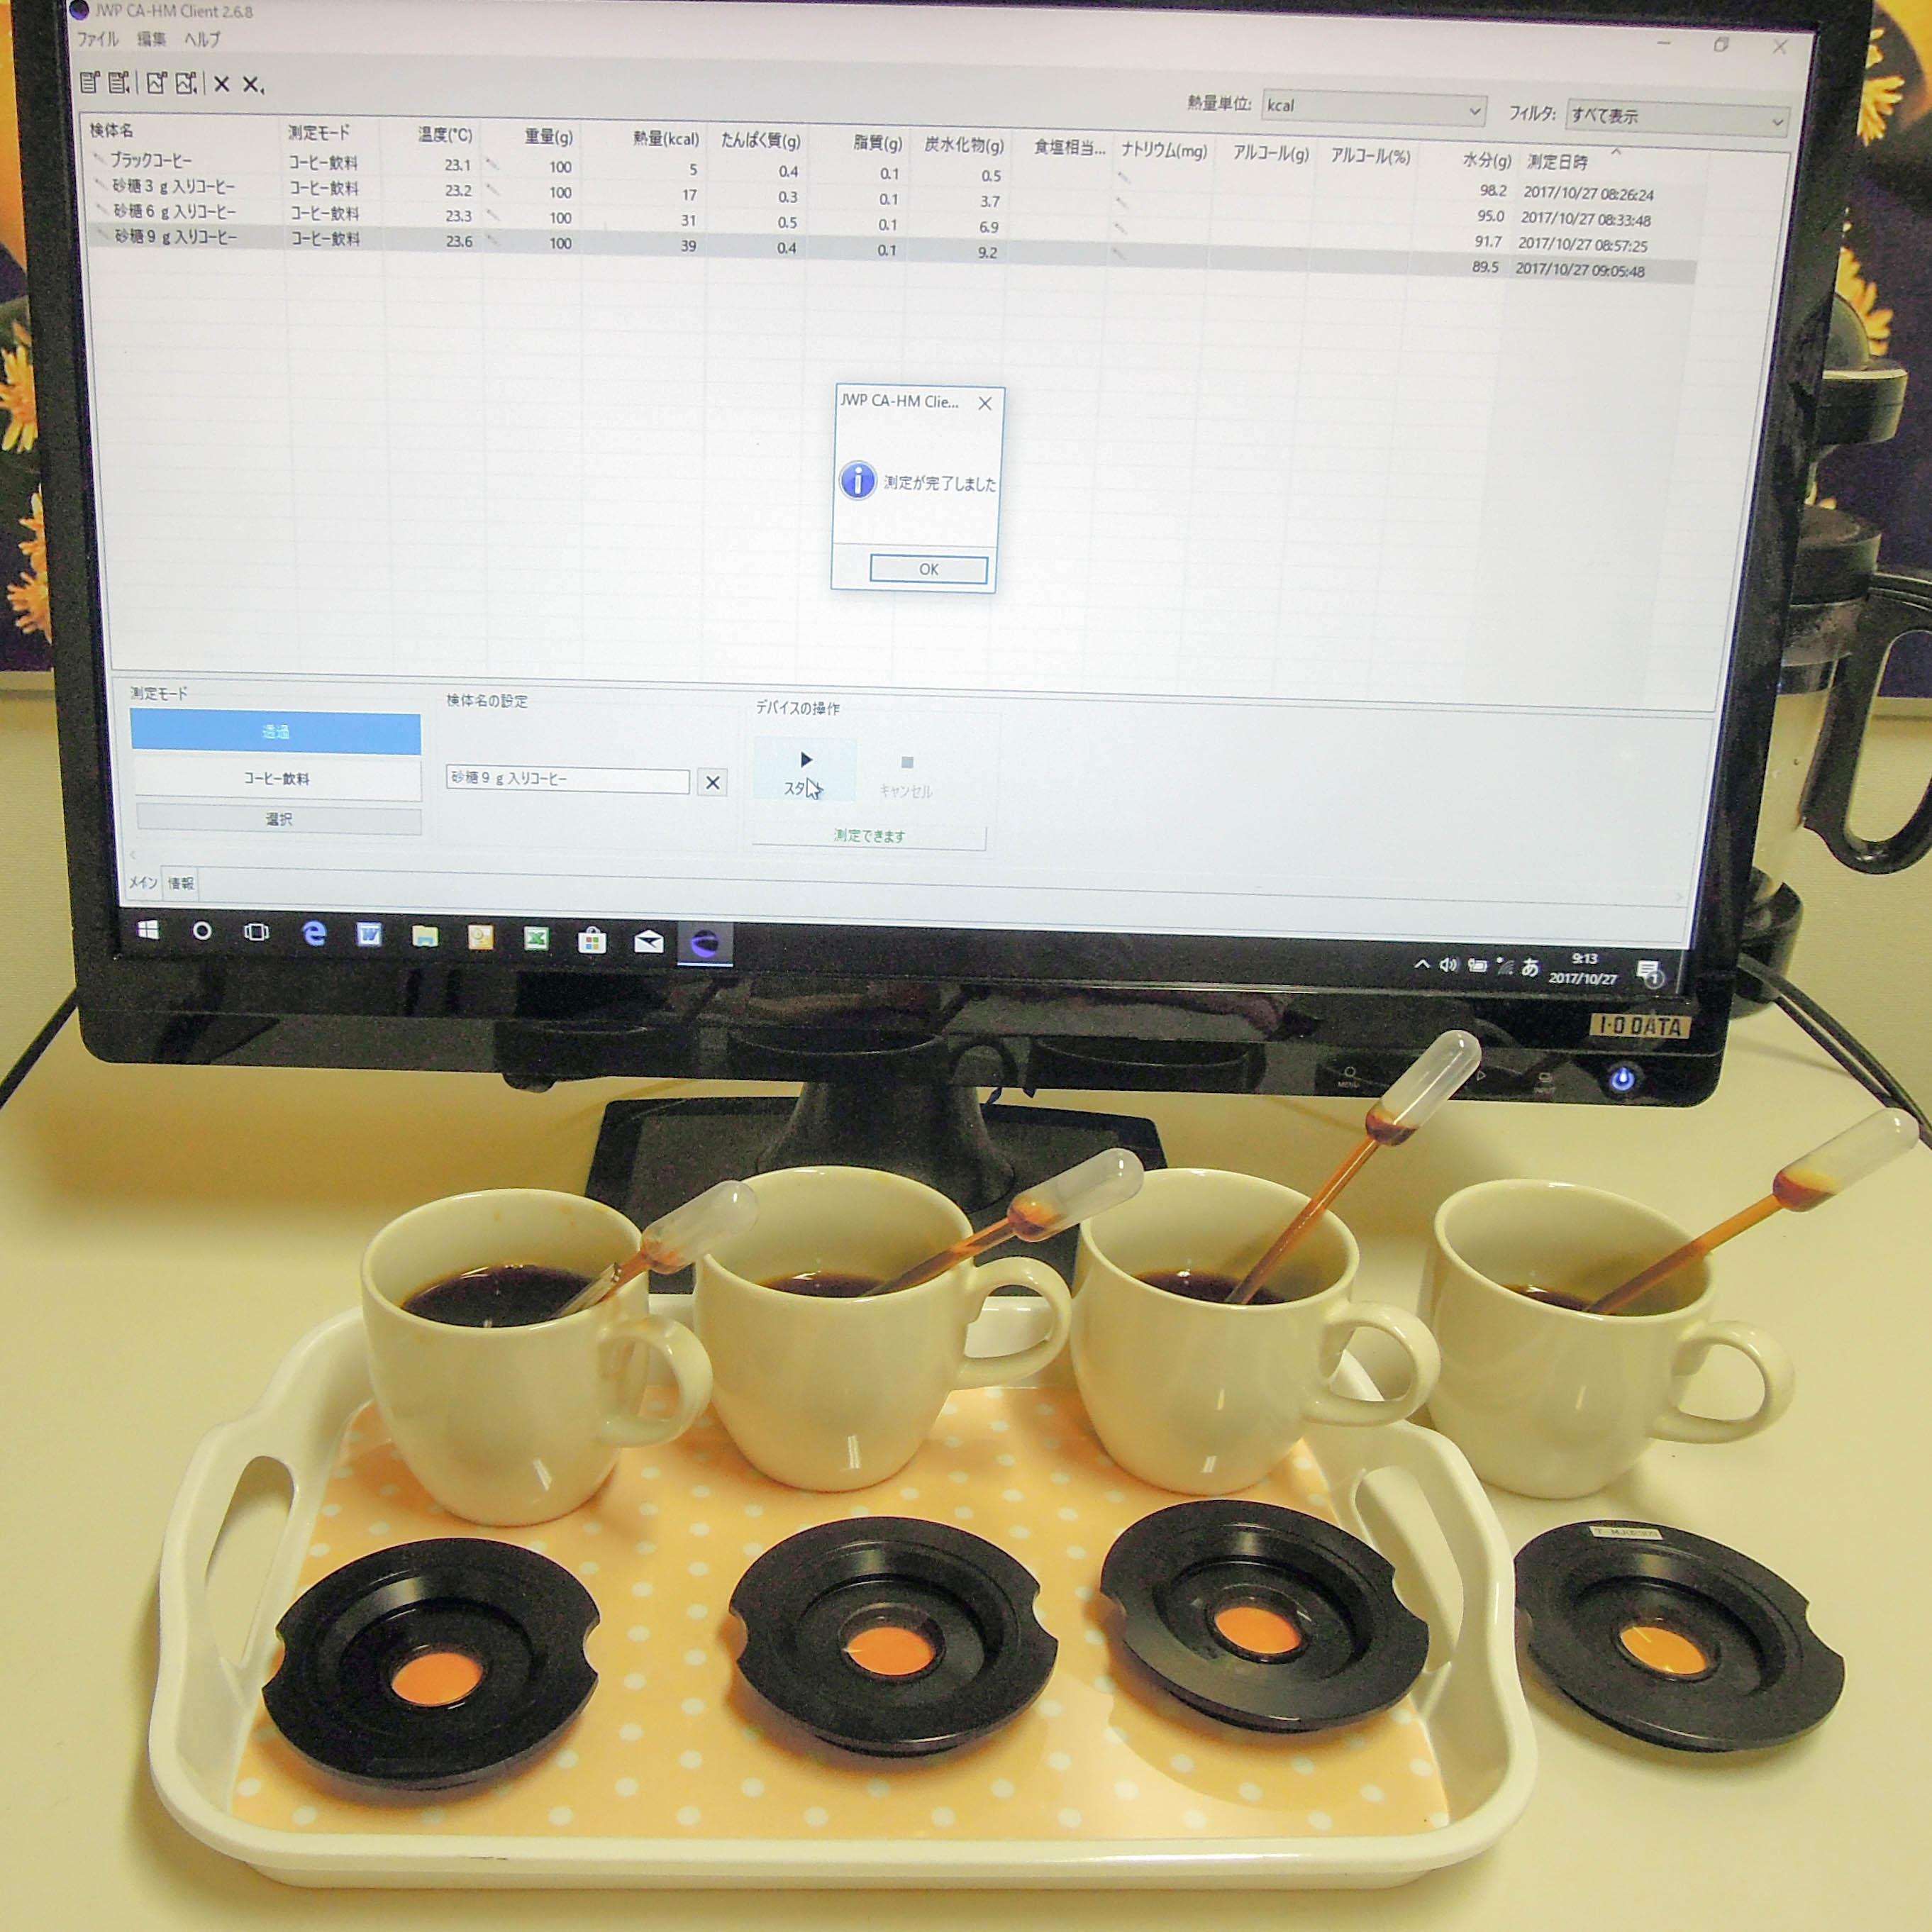 カロリーアンサーでコーヒーを測定